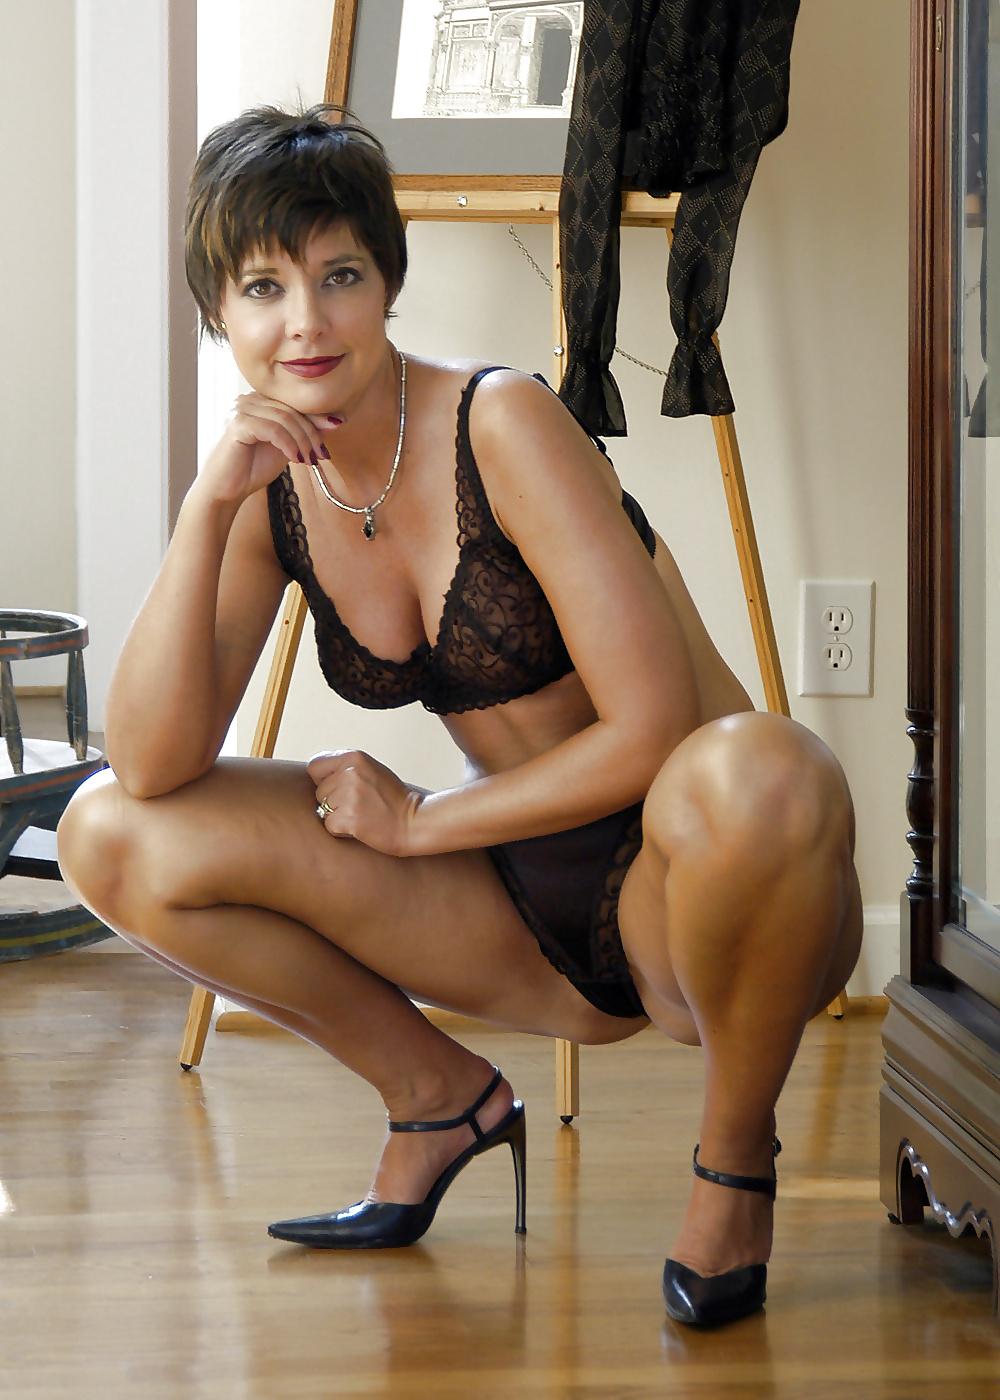 Смотреть русскую эротику зрелые женщины